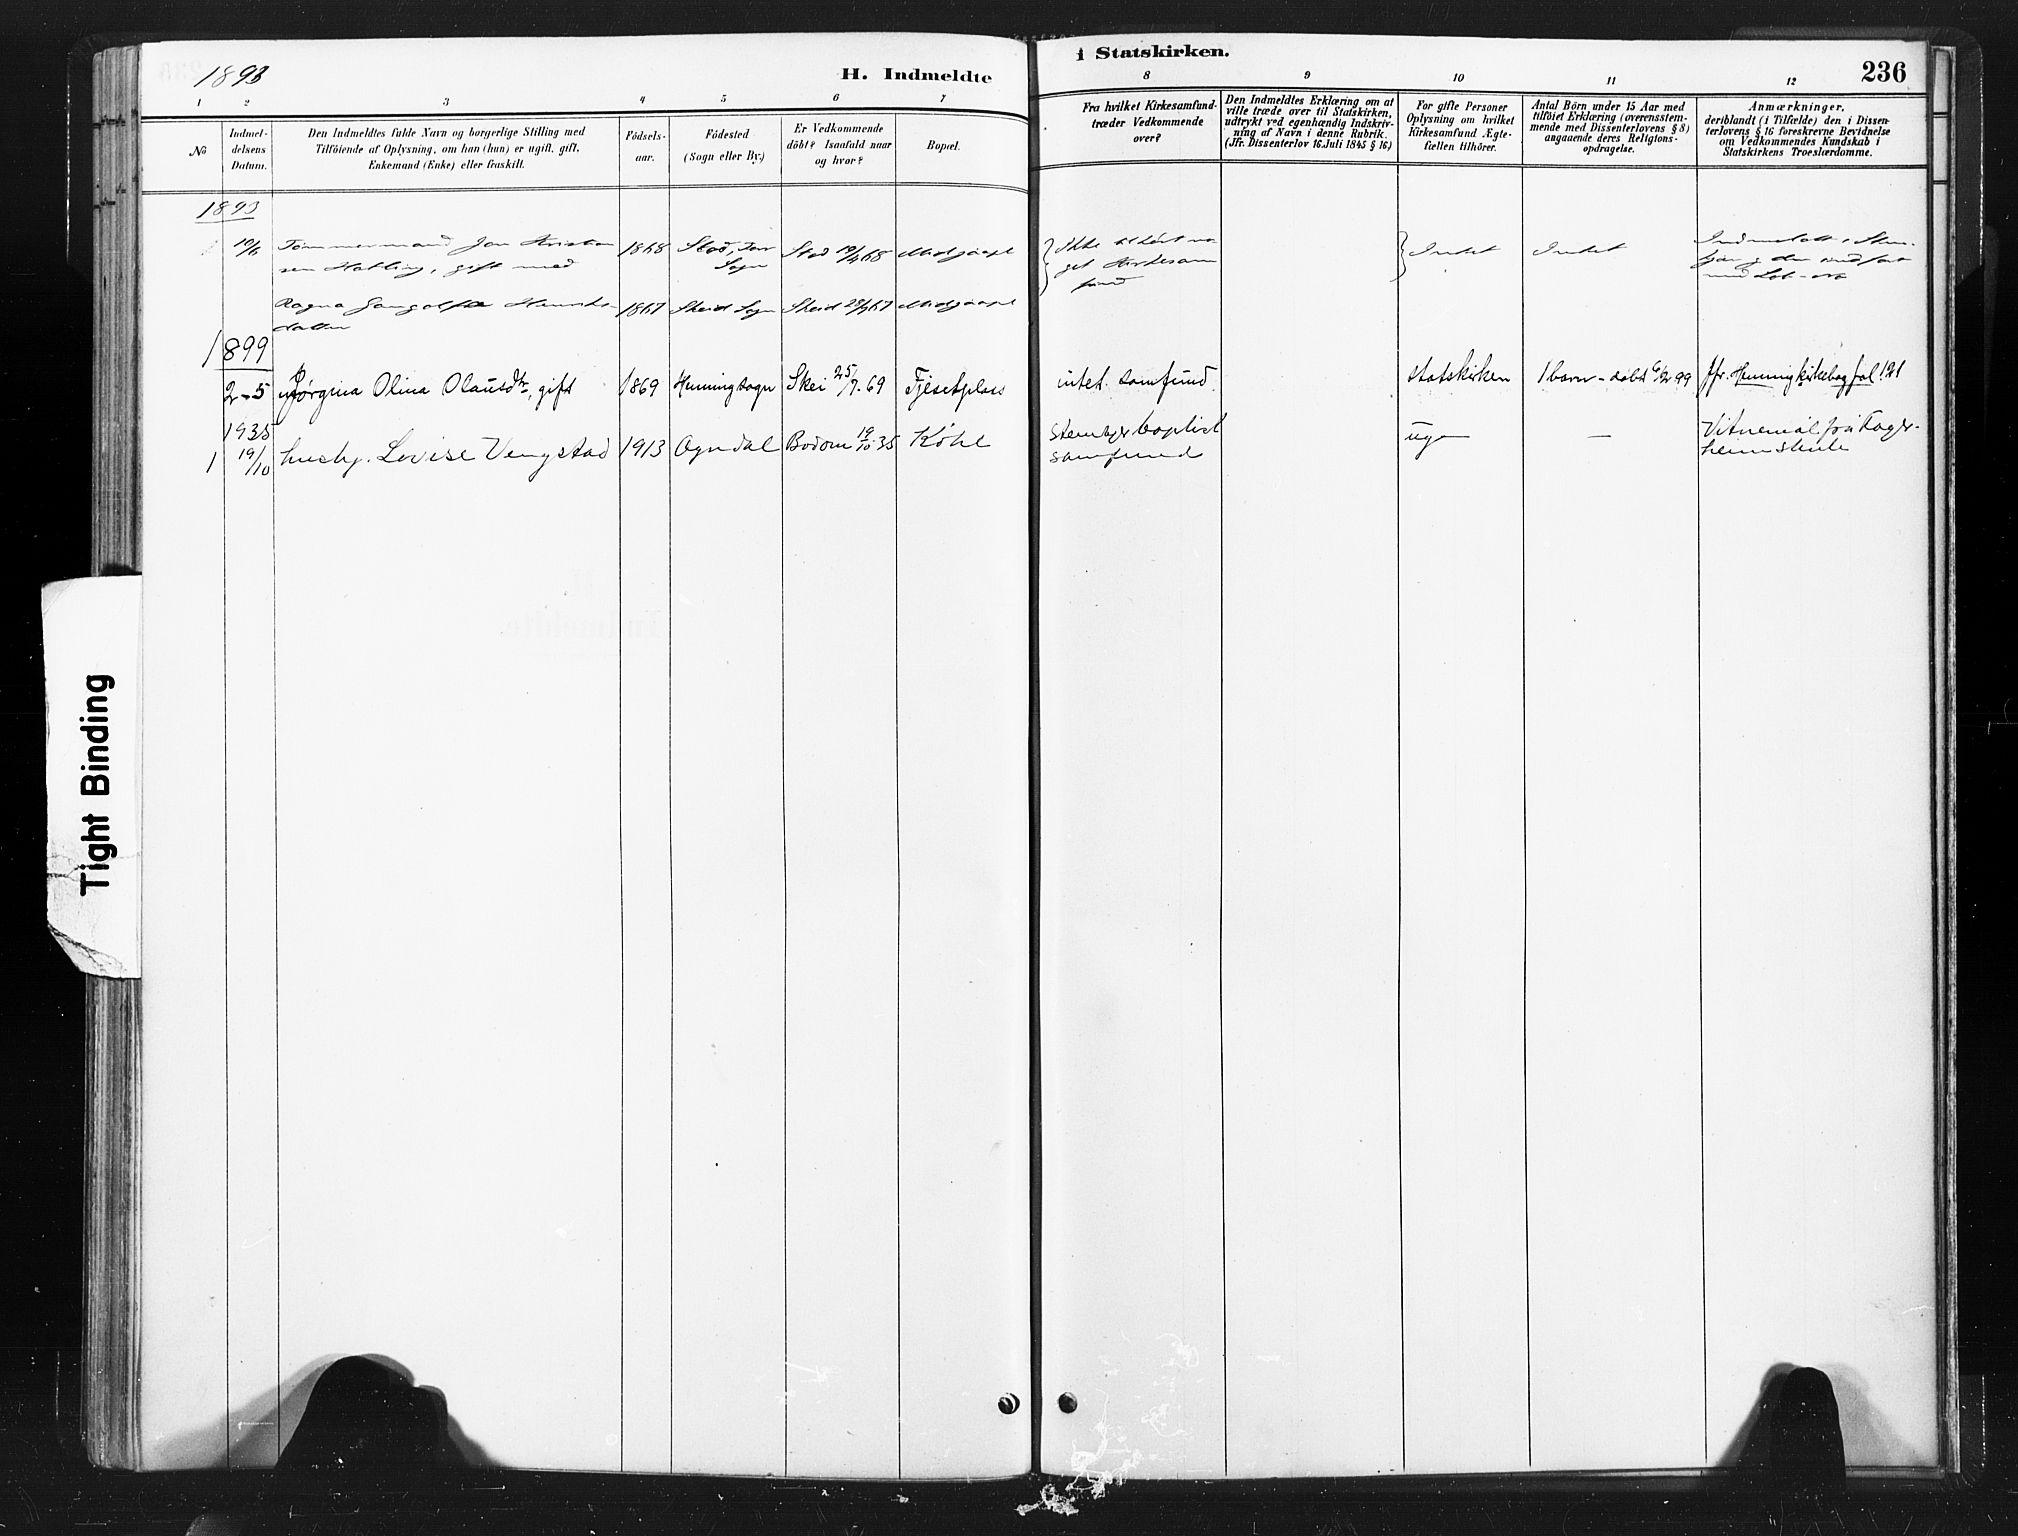 SAT, Ministerialprotokoller, klokkerbøker og fødselsregistre - Nord-Trøndelag, 736/L0361: Ministerialbok nr. 736A01, 1884-1906, s. 236